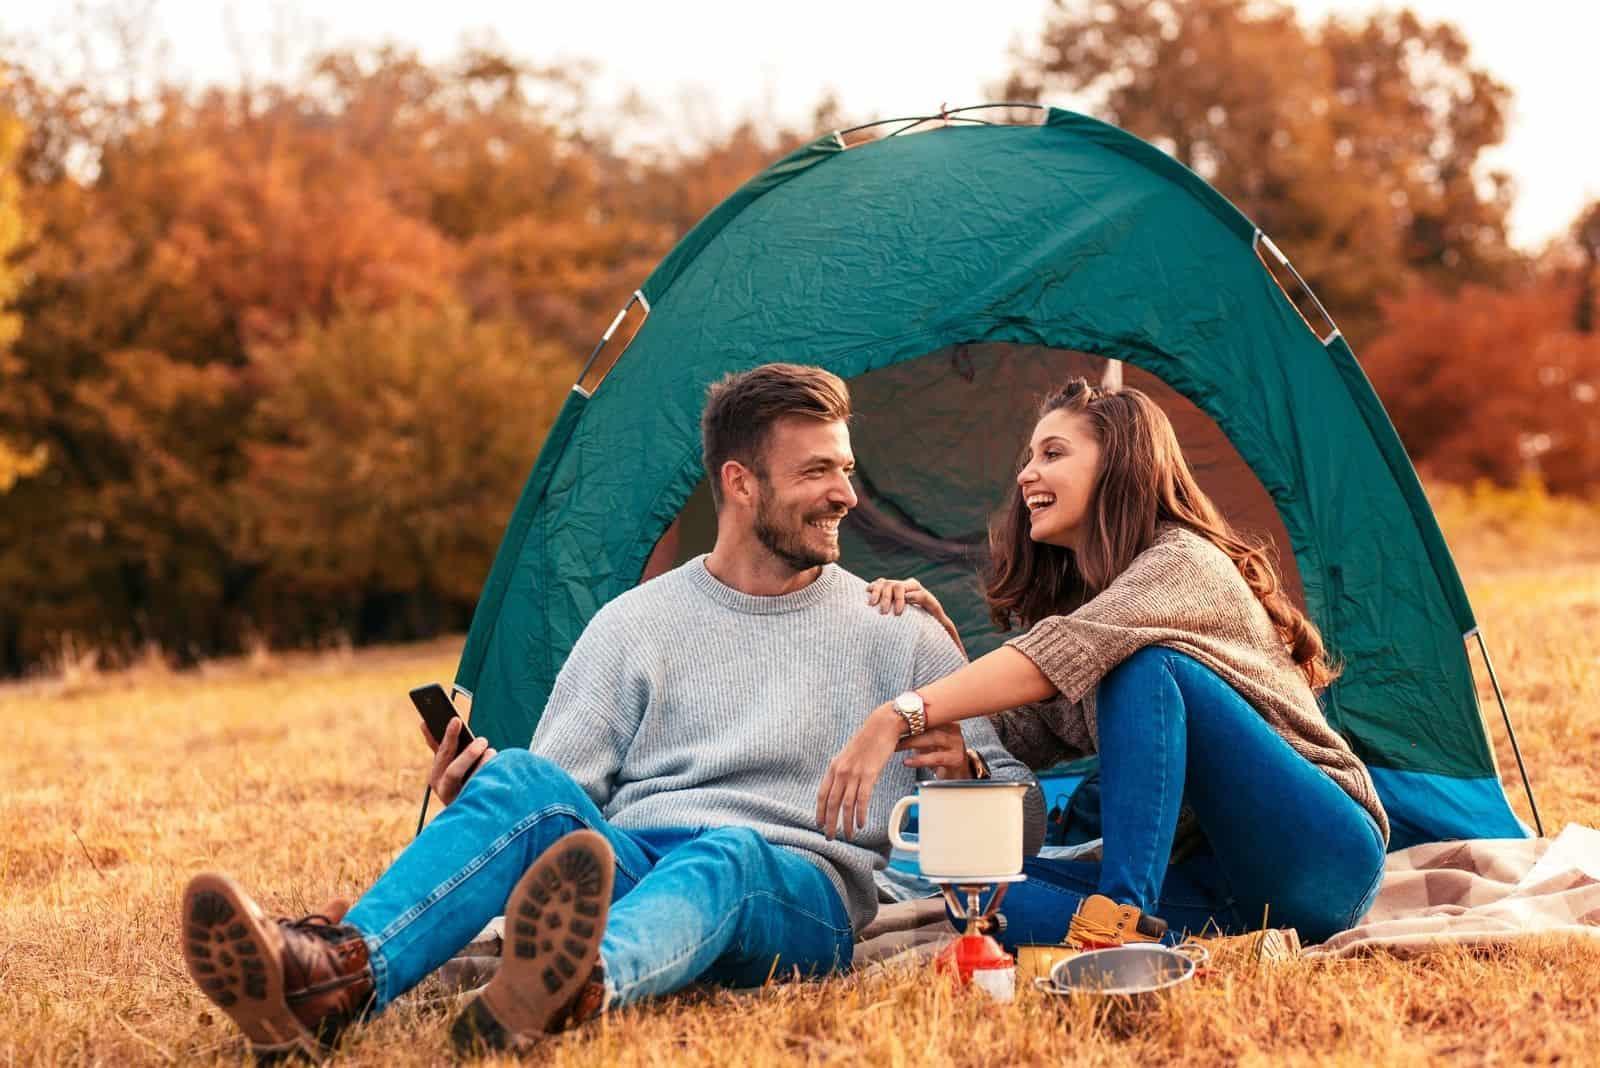 Junges Paar im Campingurlaub Sitzen und Lachen am Campingzelt